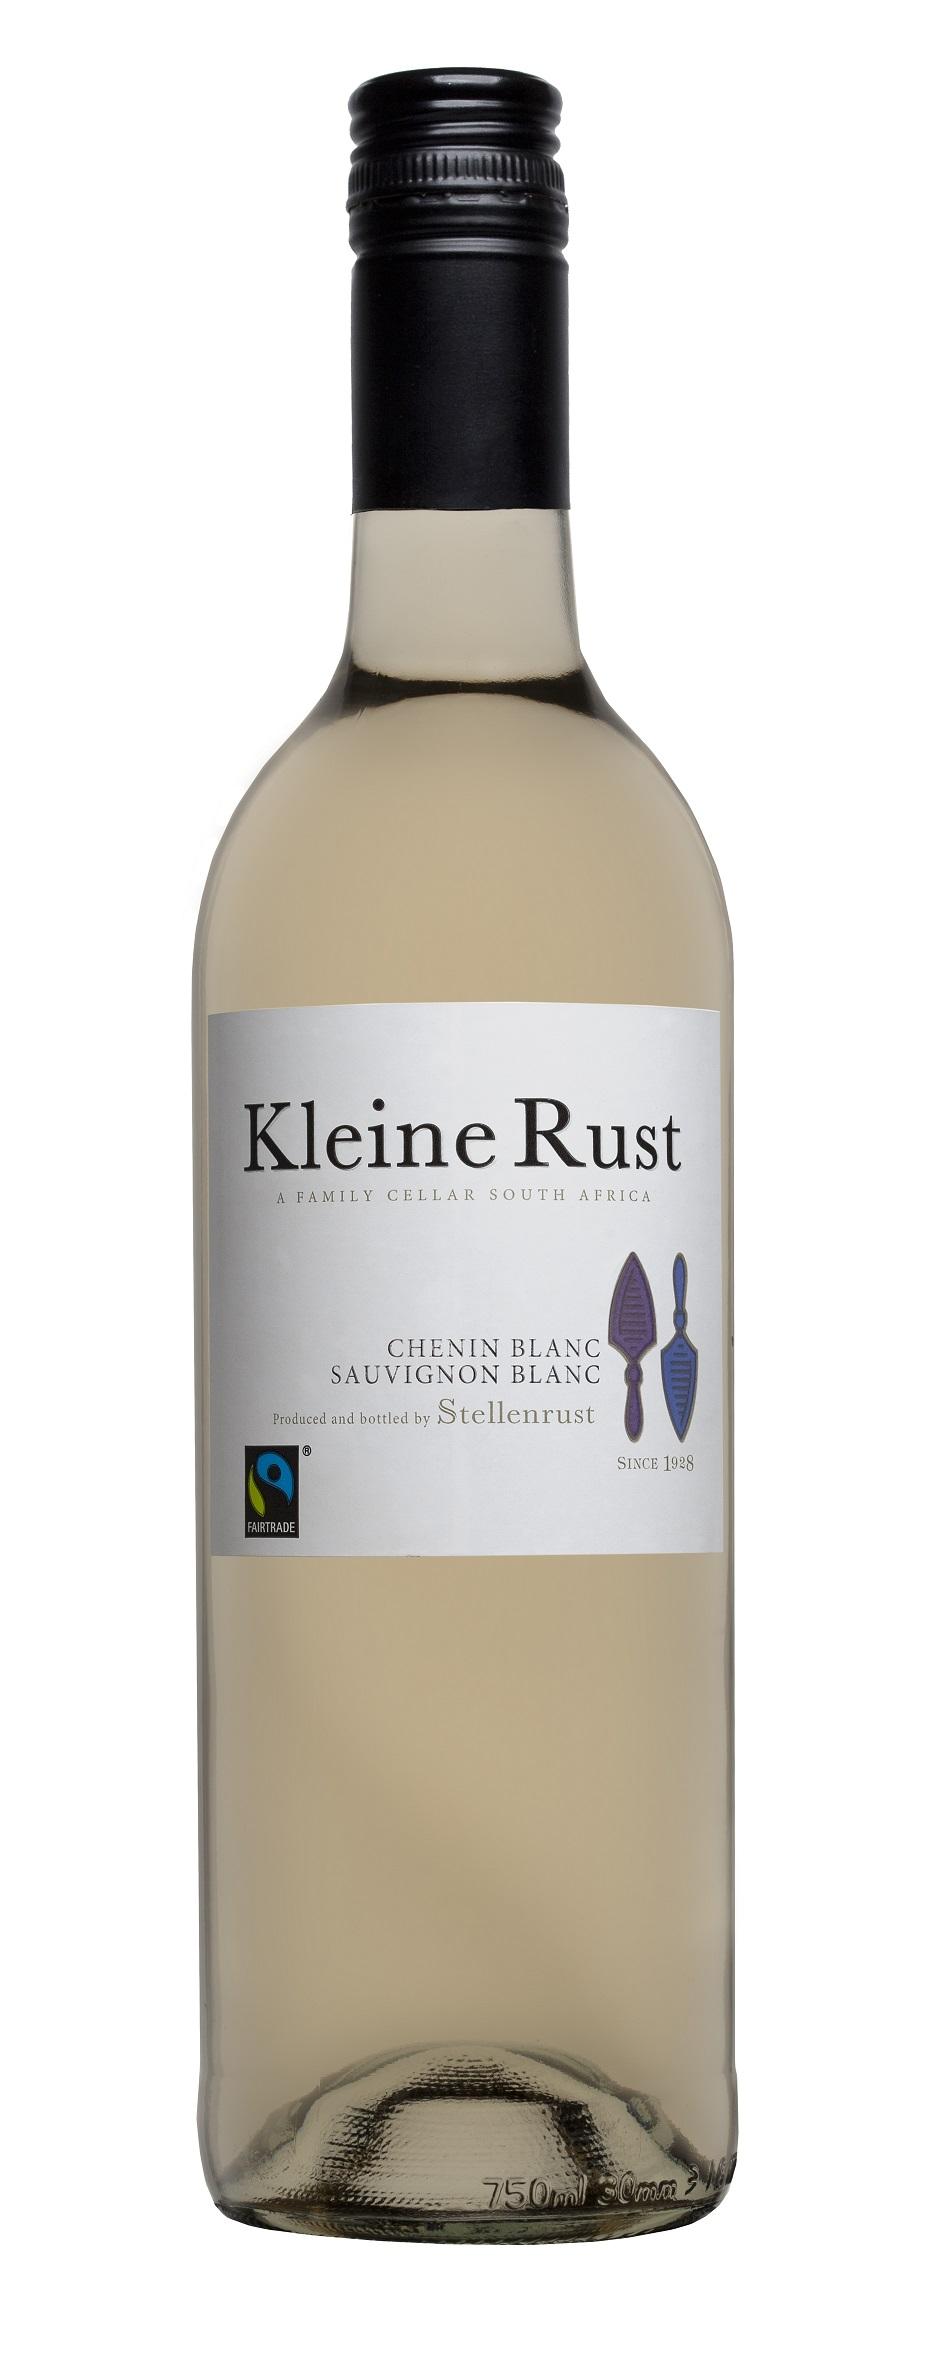 Kleine Rust Chenin Blanc Sauvignon Blanc